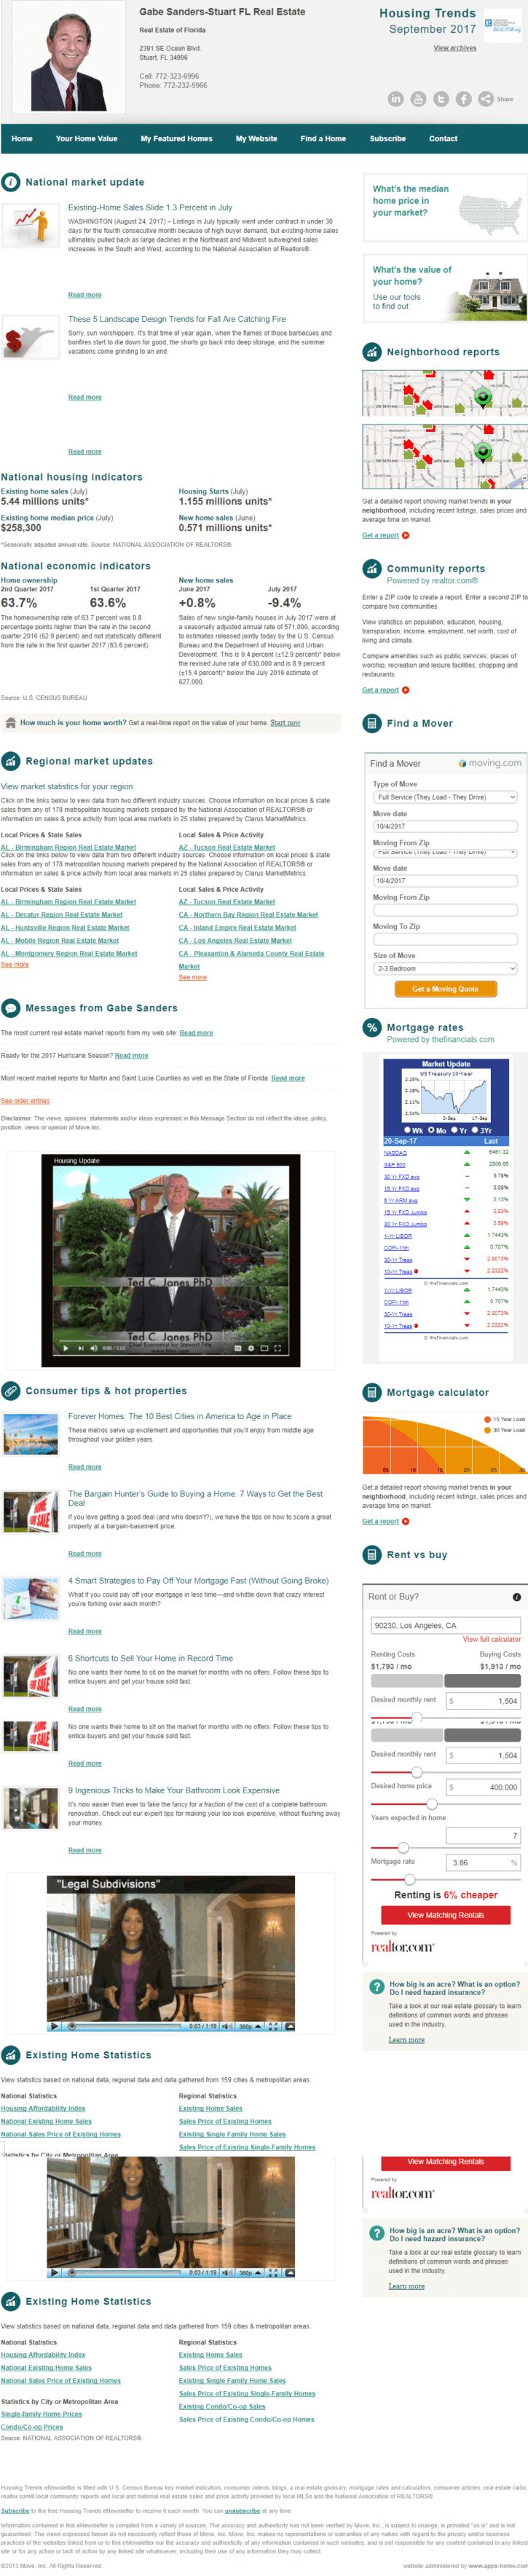 September 2017 Housing Trends eNewsletter